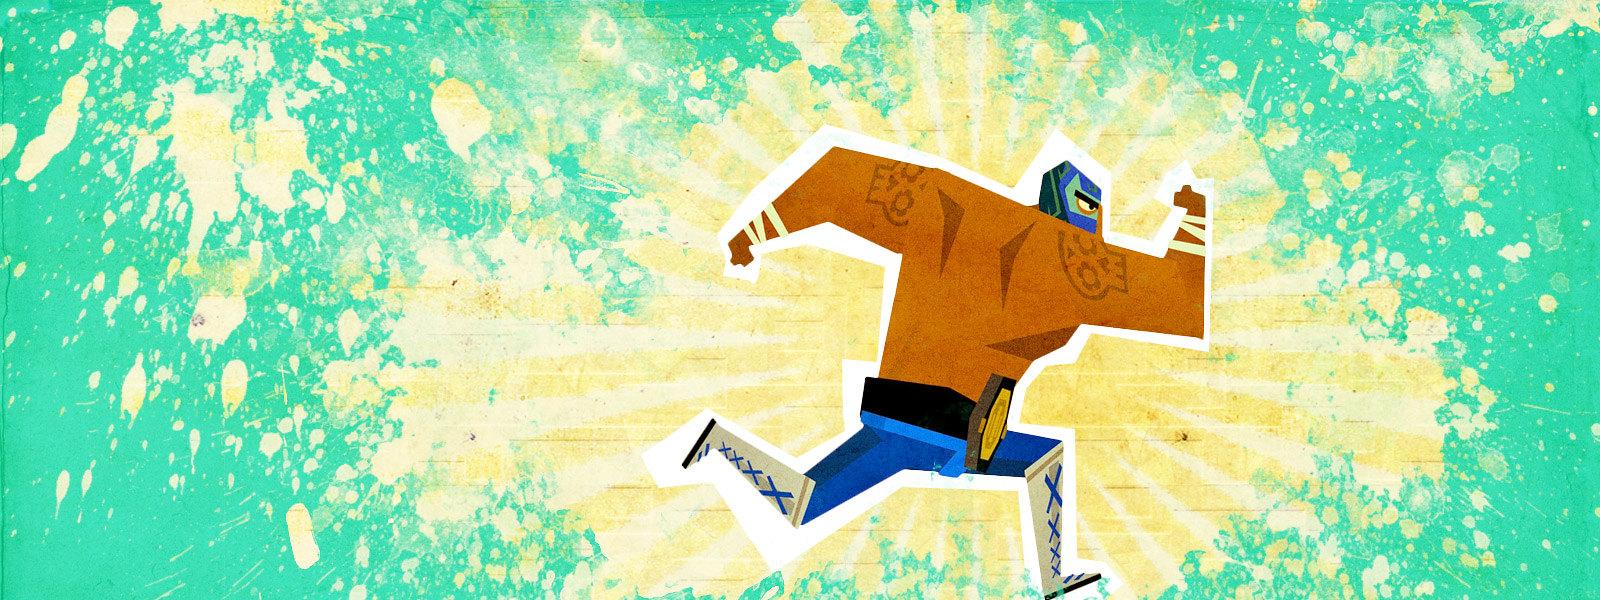 juan our hero